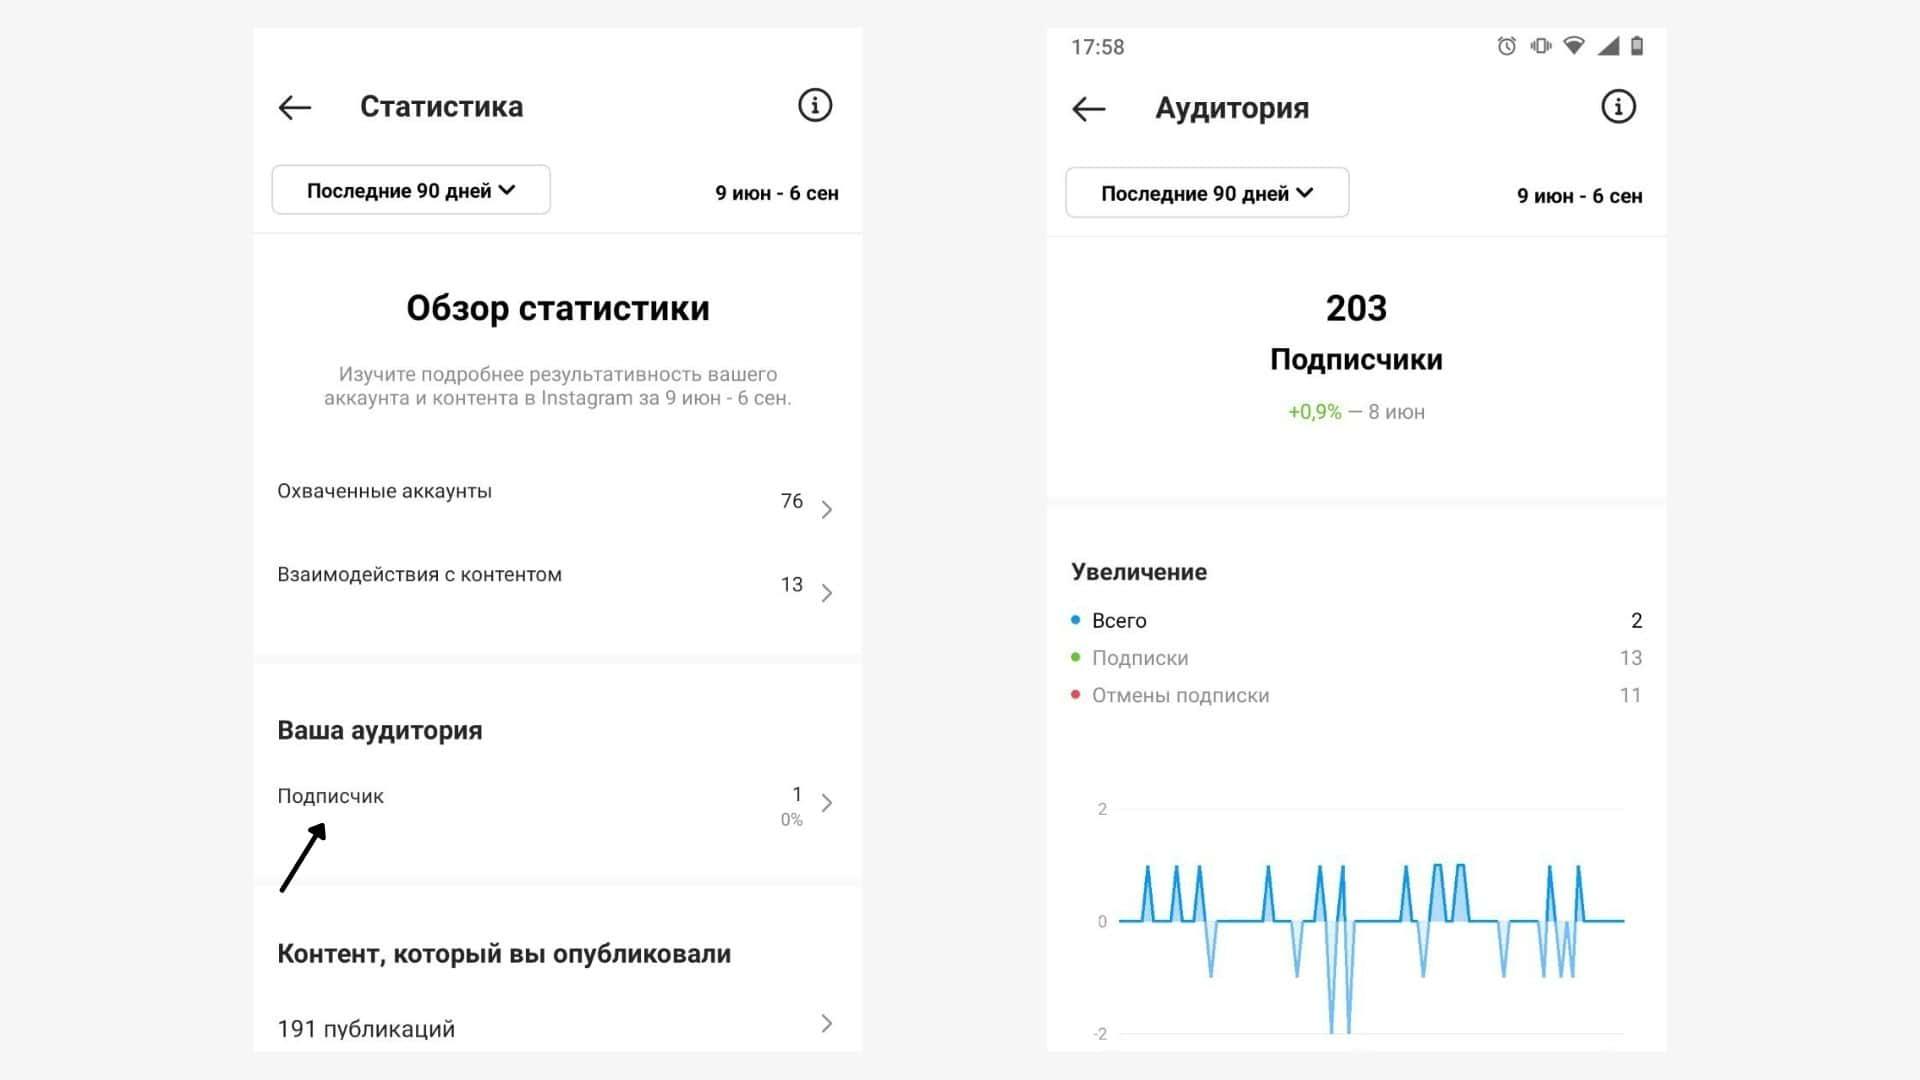 Как посмотреть рост подписчиков в Инстаграме